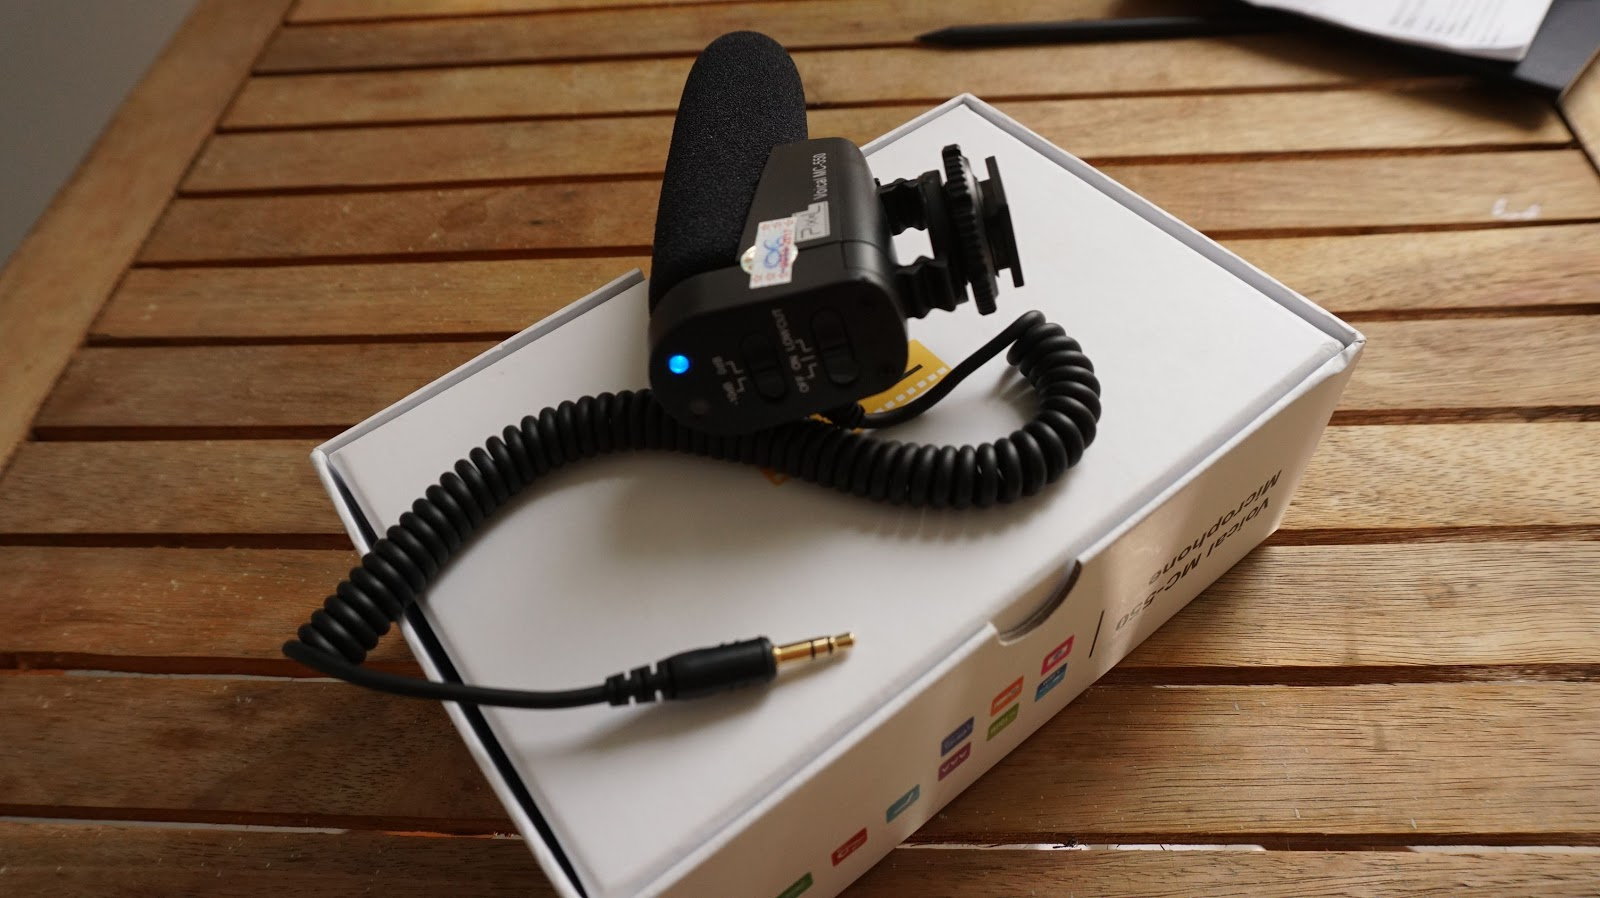 Chỉ cần nhấn nút, thấy màu xanh là máy thu âm đang hoạt động, đèn đỏ chớp nháy là đang thu âm, Lowcut là lọc âm thanh tạp